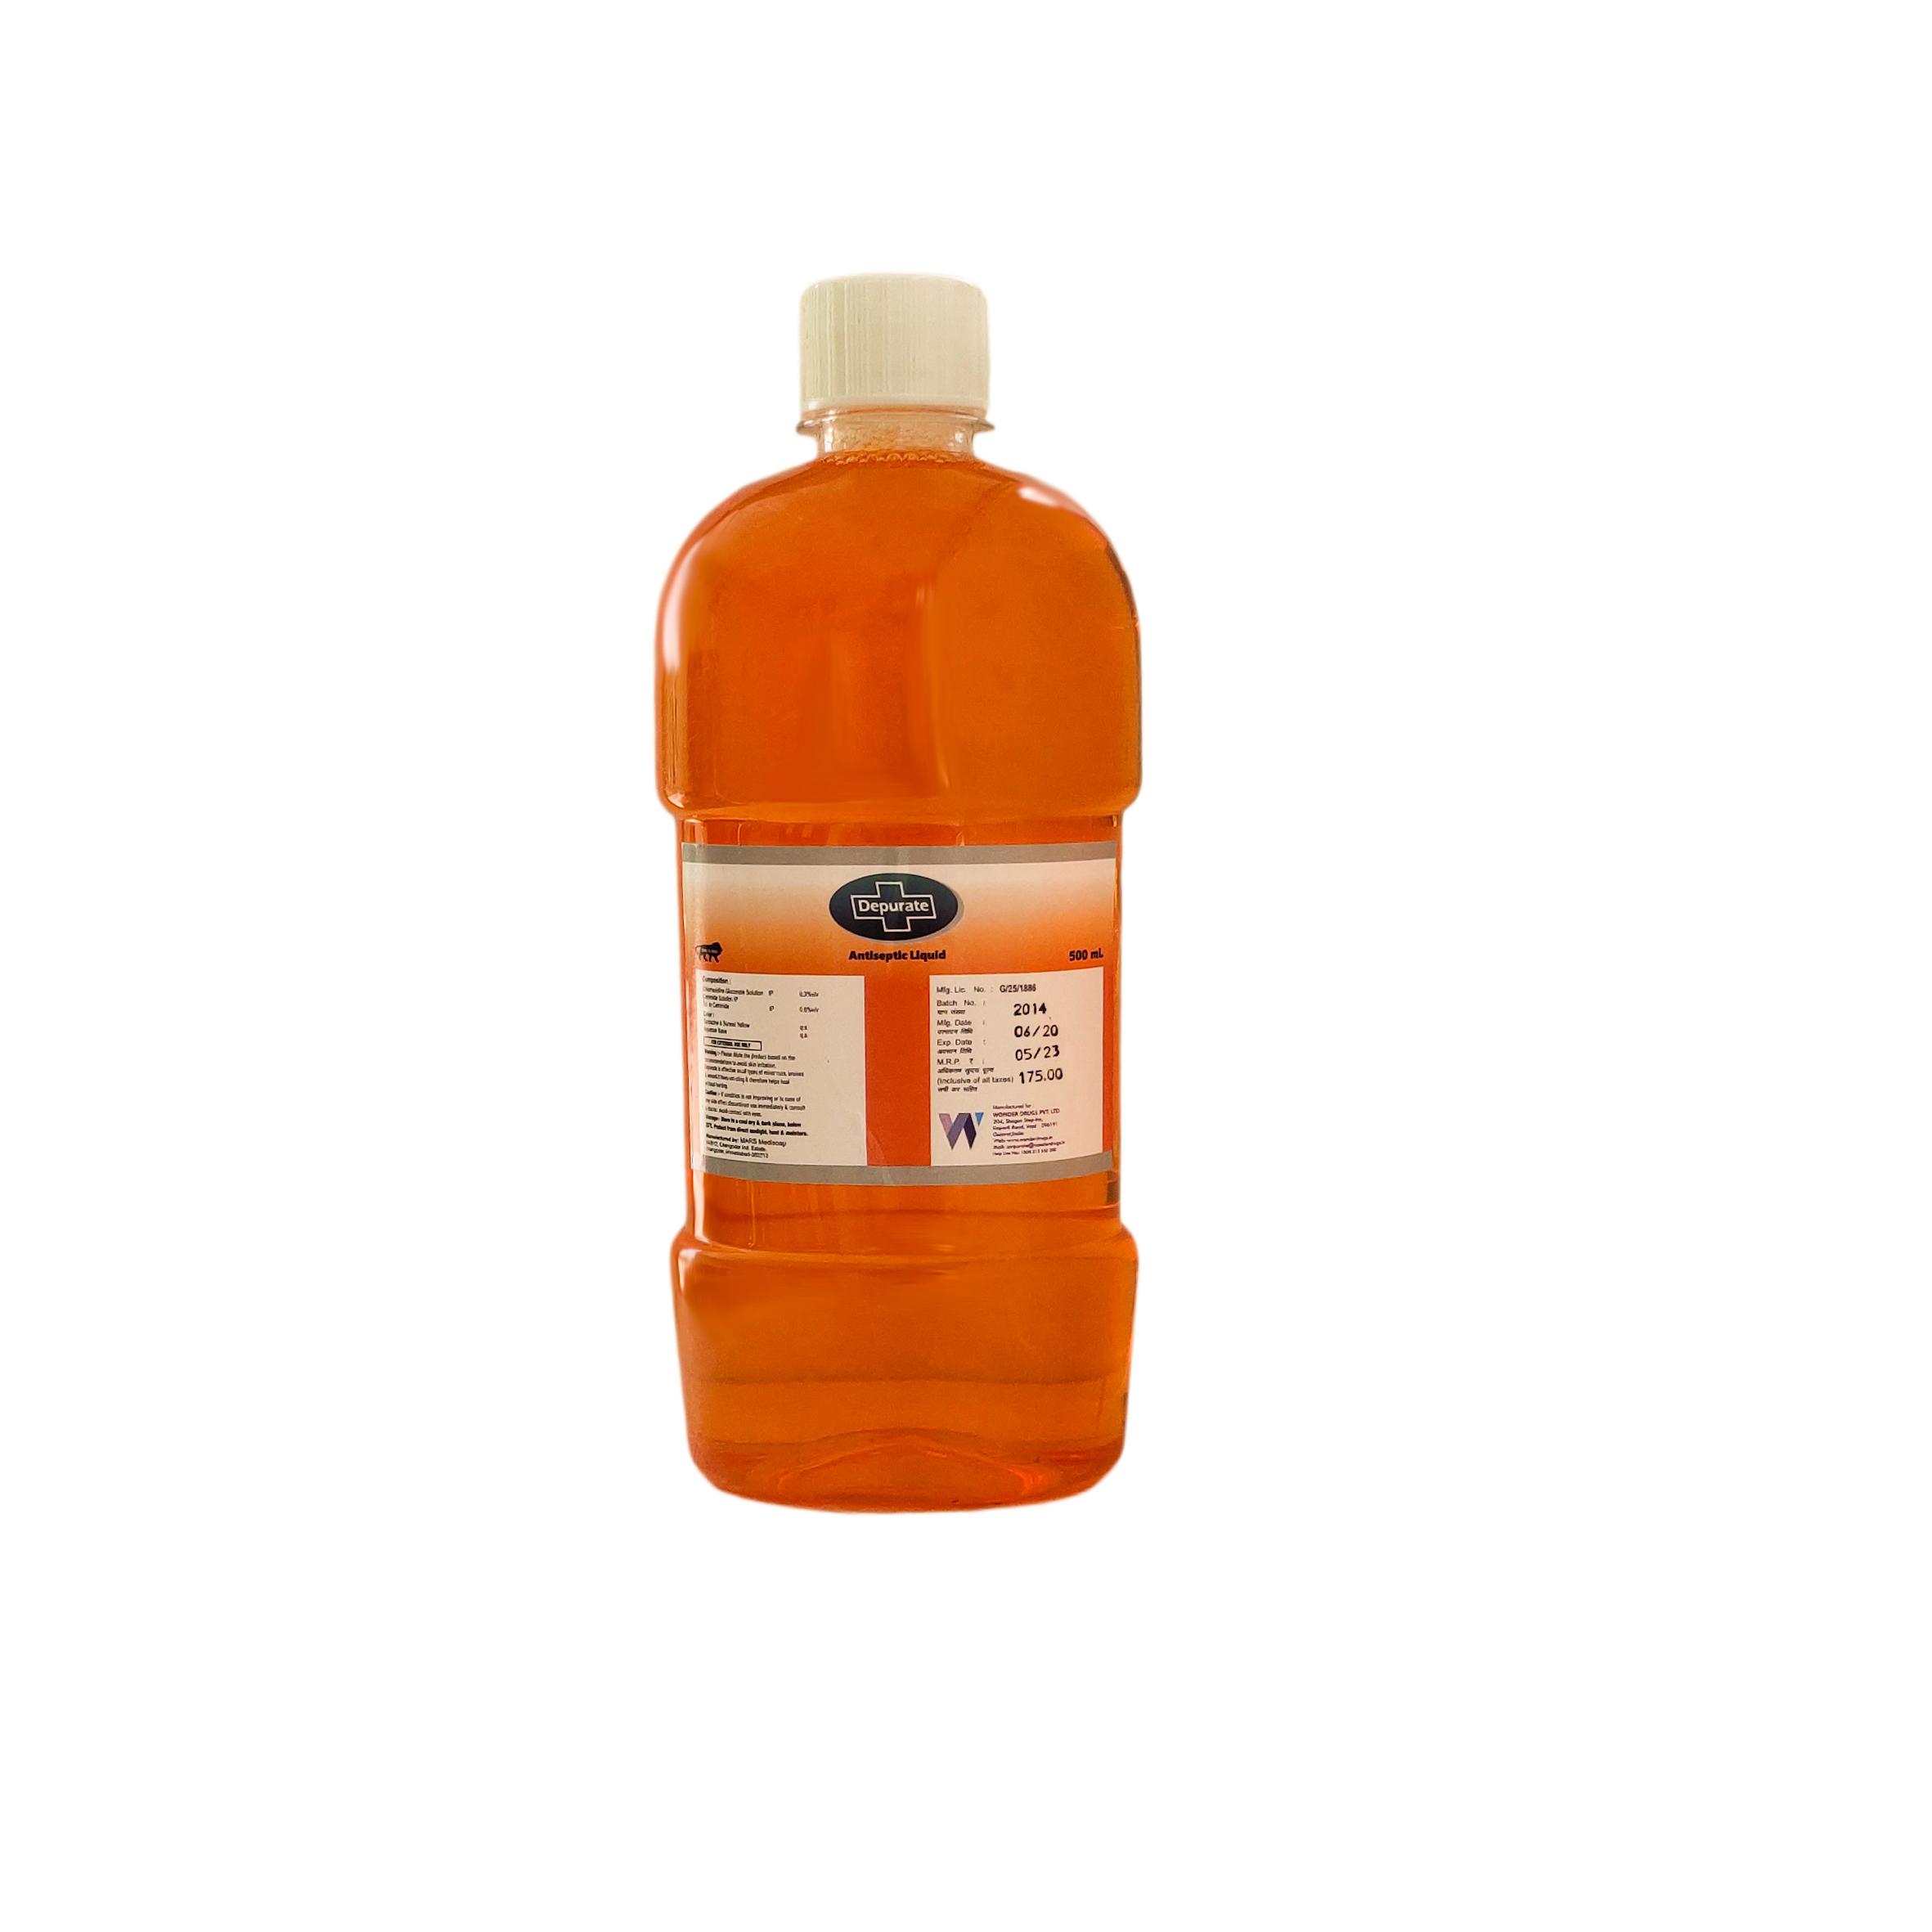 500 ml Depurate Antiseptic Liquid